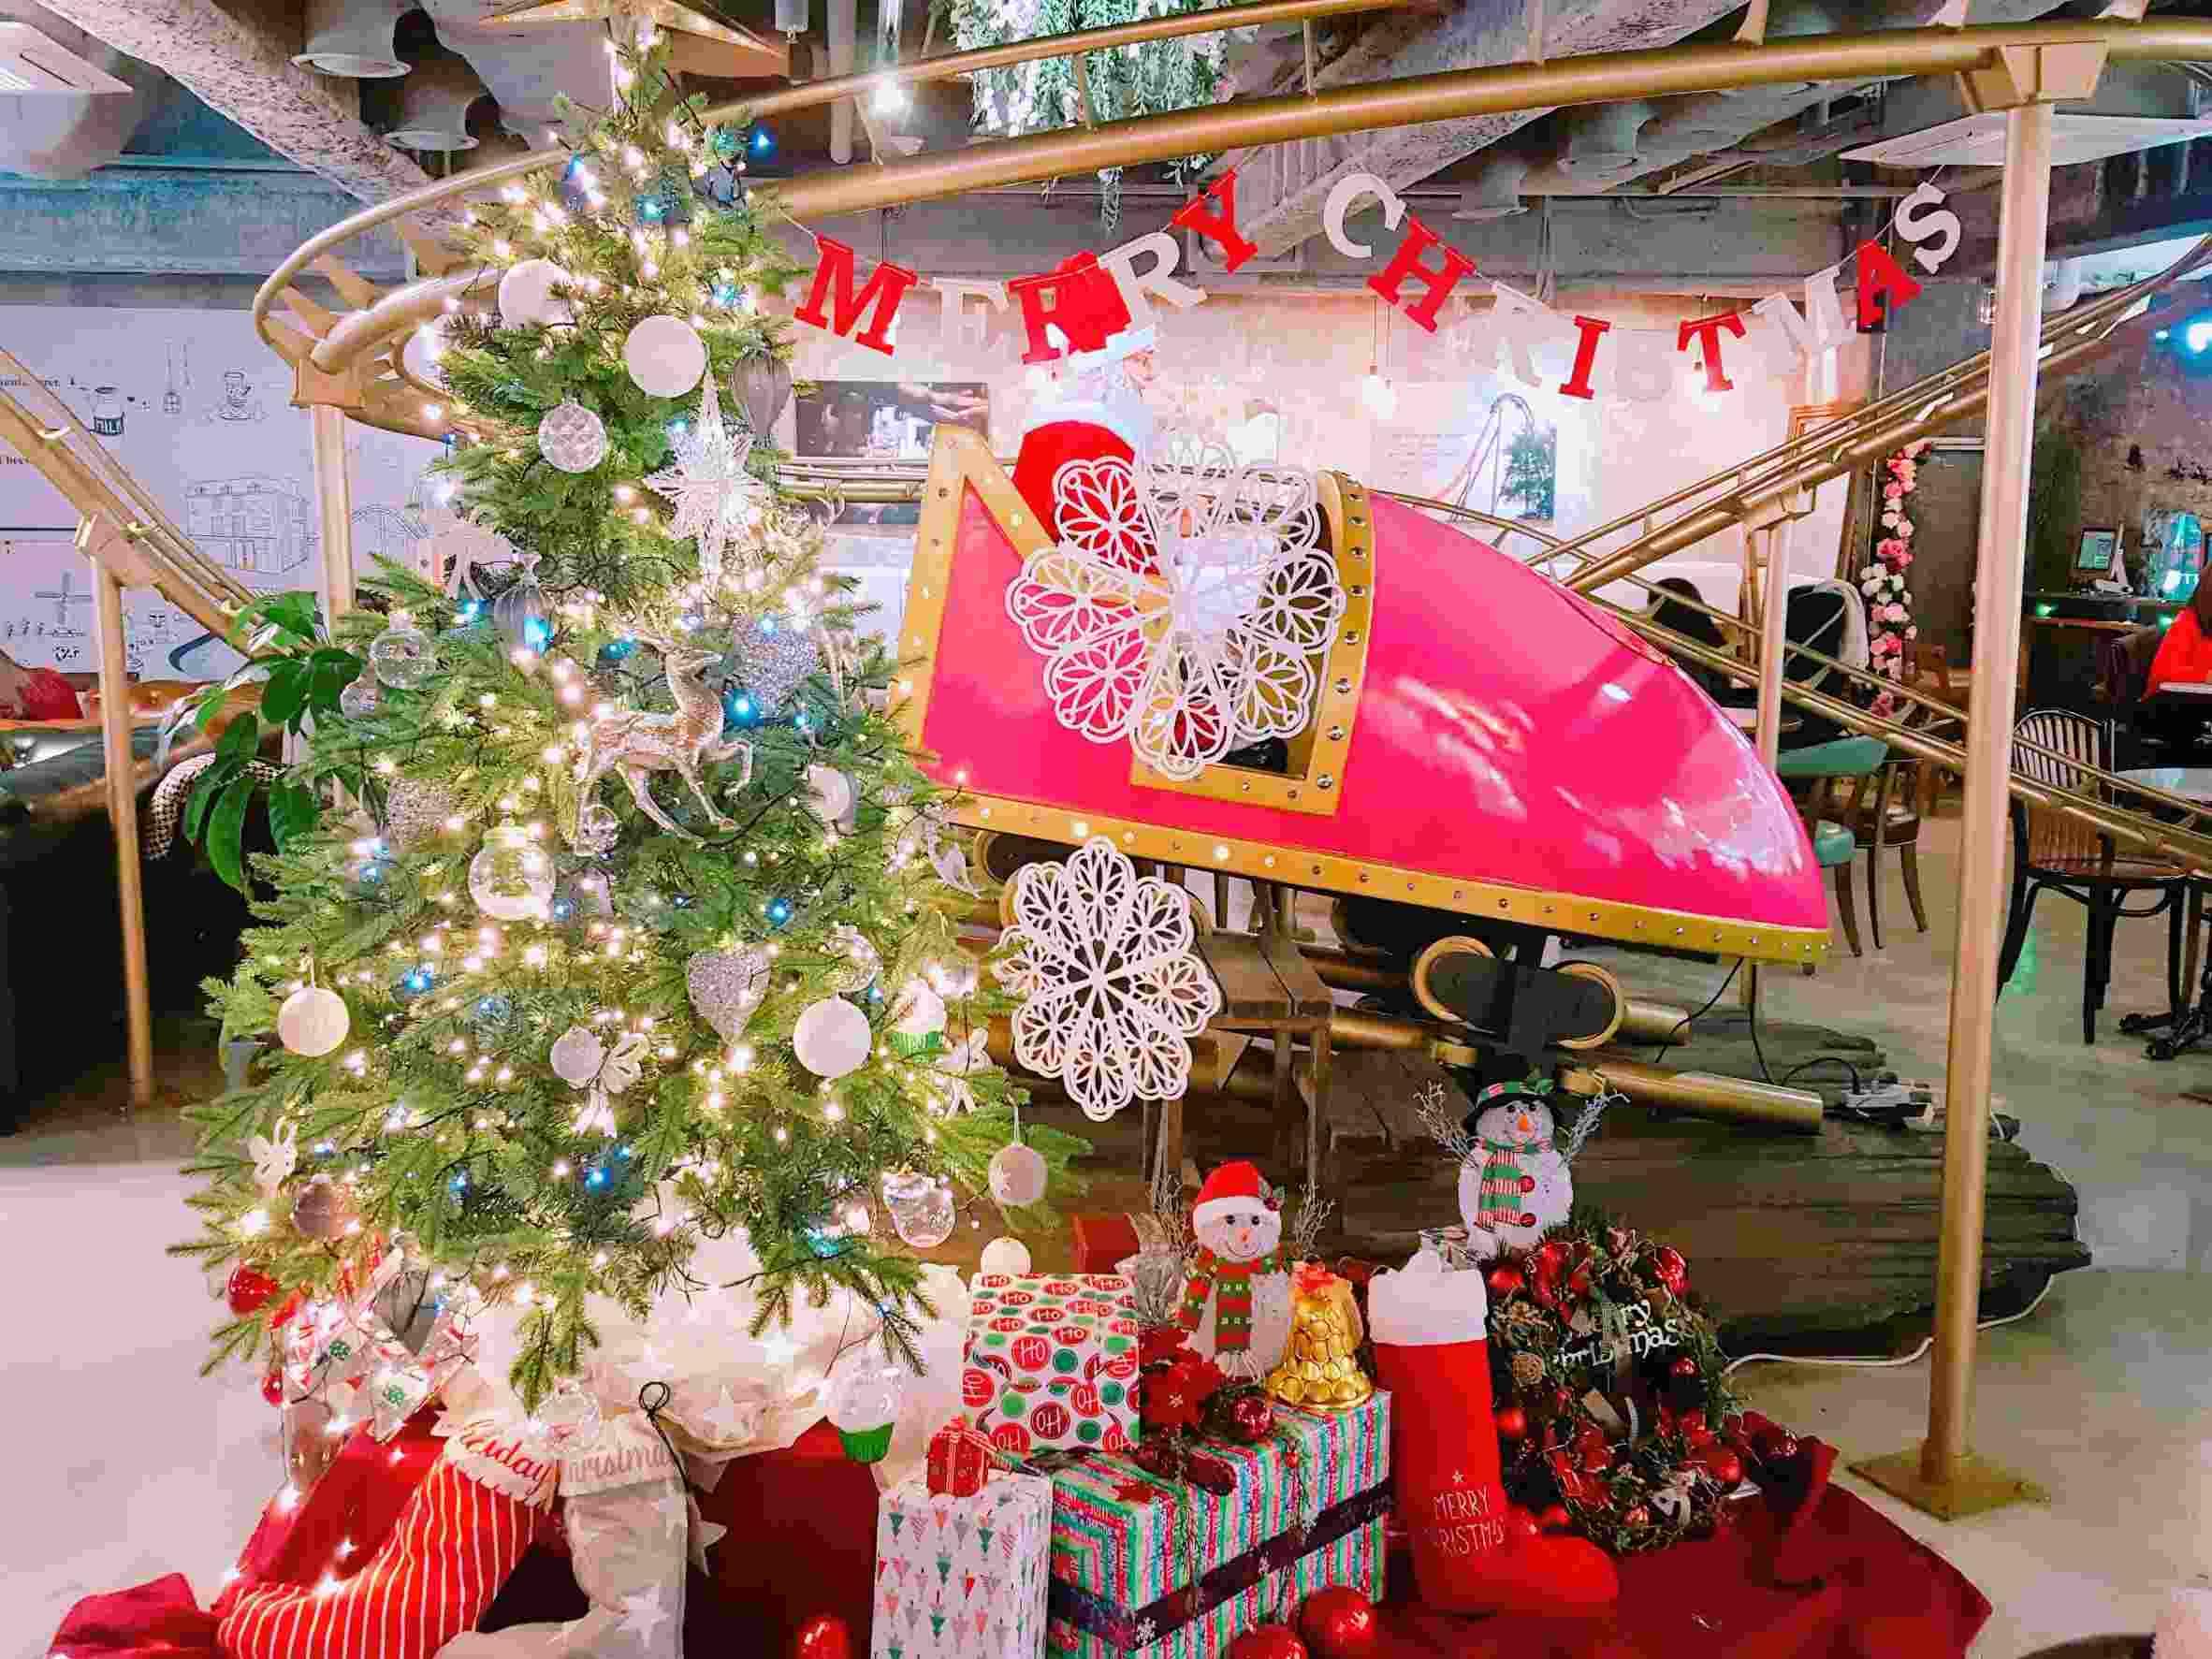 搭配最近聖誕節日,店內的裝潢也充滿聖誕氣息,變得更繽紛漂亮,讓人流連忘返。